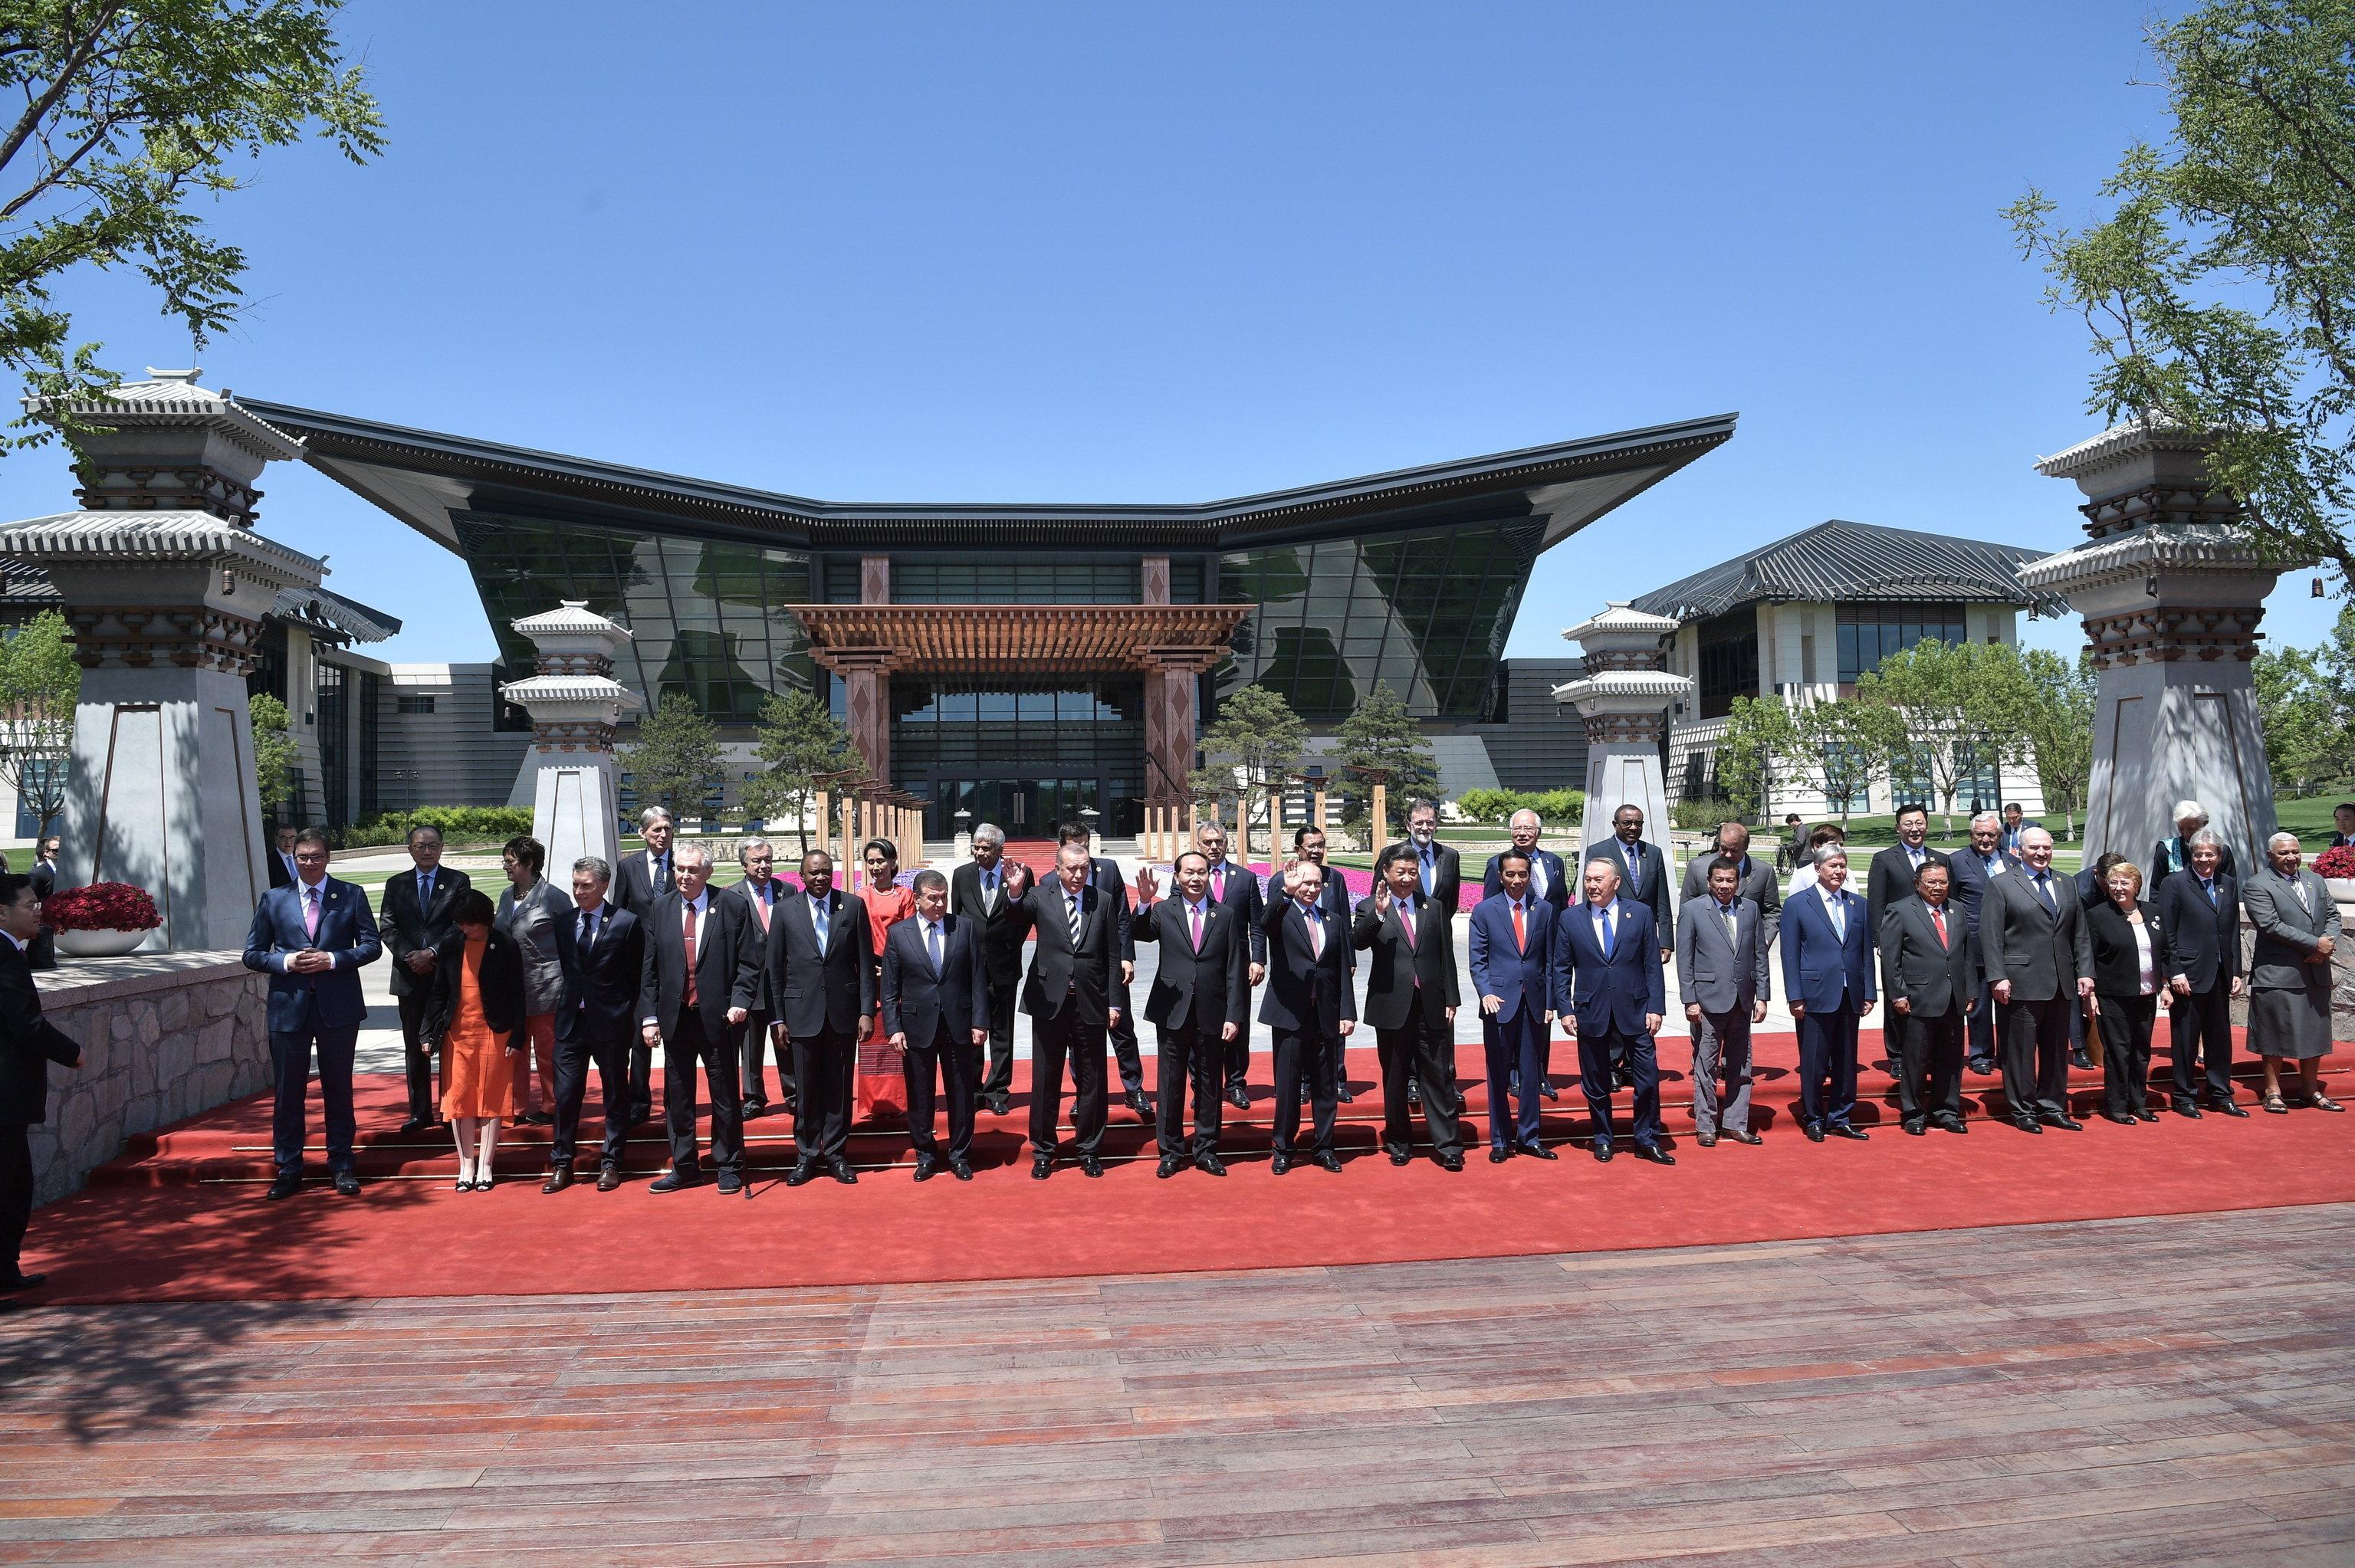 Президент РФ Владимир Путин принимает участие в церемонии совместного фотографирования участников круглого стола Международного форума Один пояс, один путь